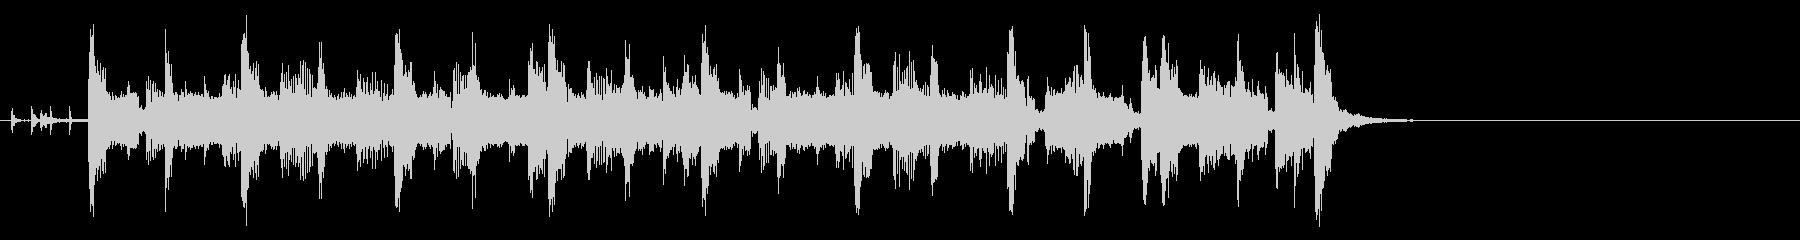 コミカルなほのぼのポップ(Aメロ)の未再生の波形